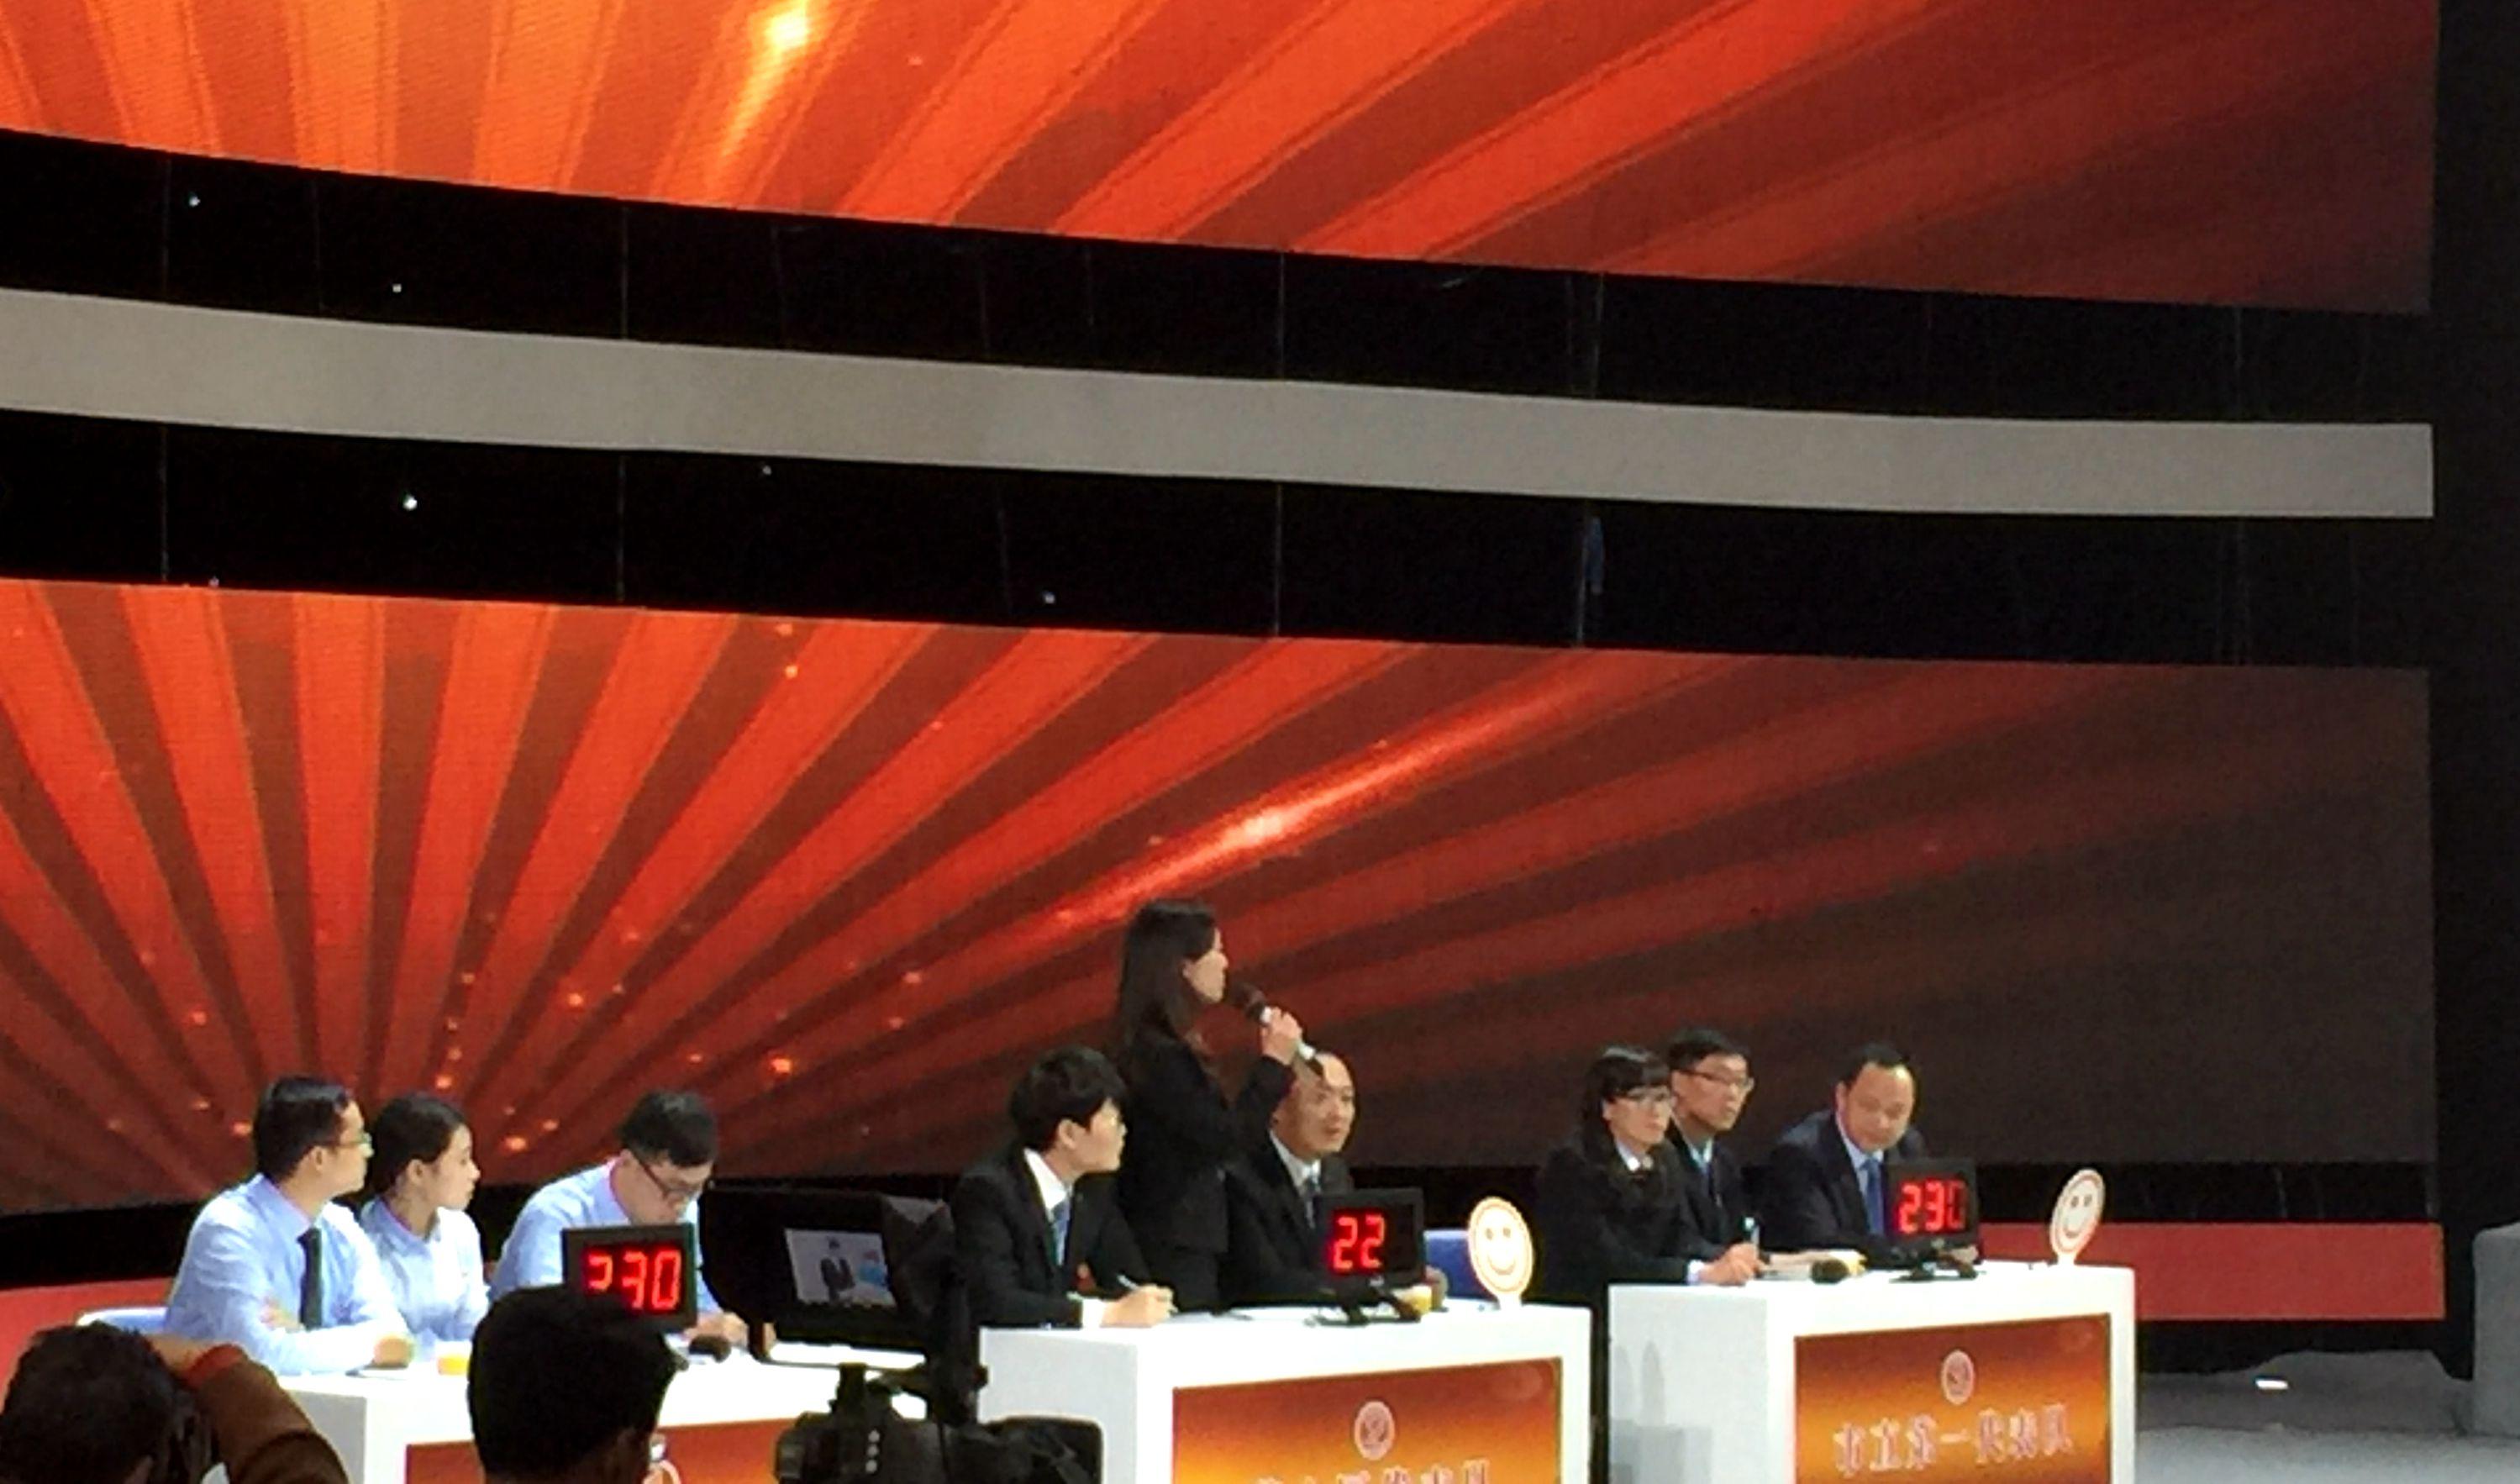 萧山区代表队喜获杭州市党章党规党纪知识竞赛决赛